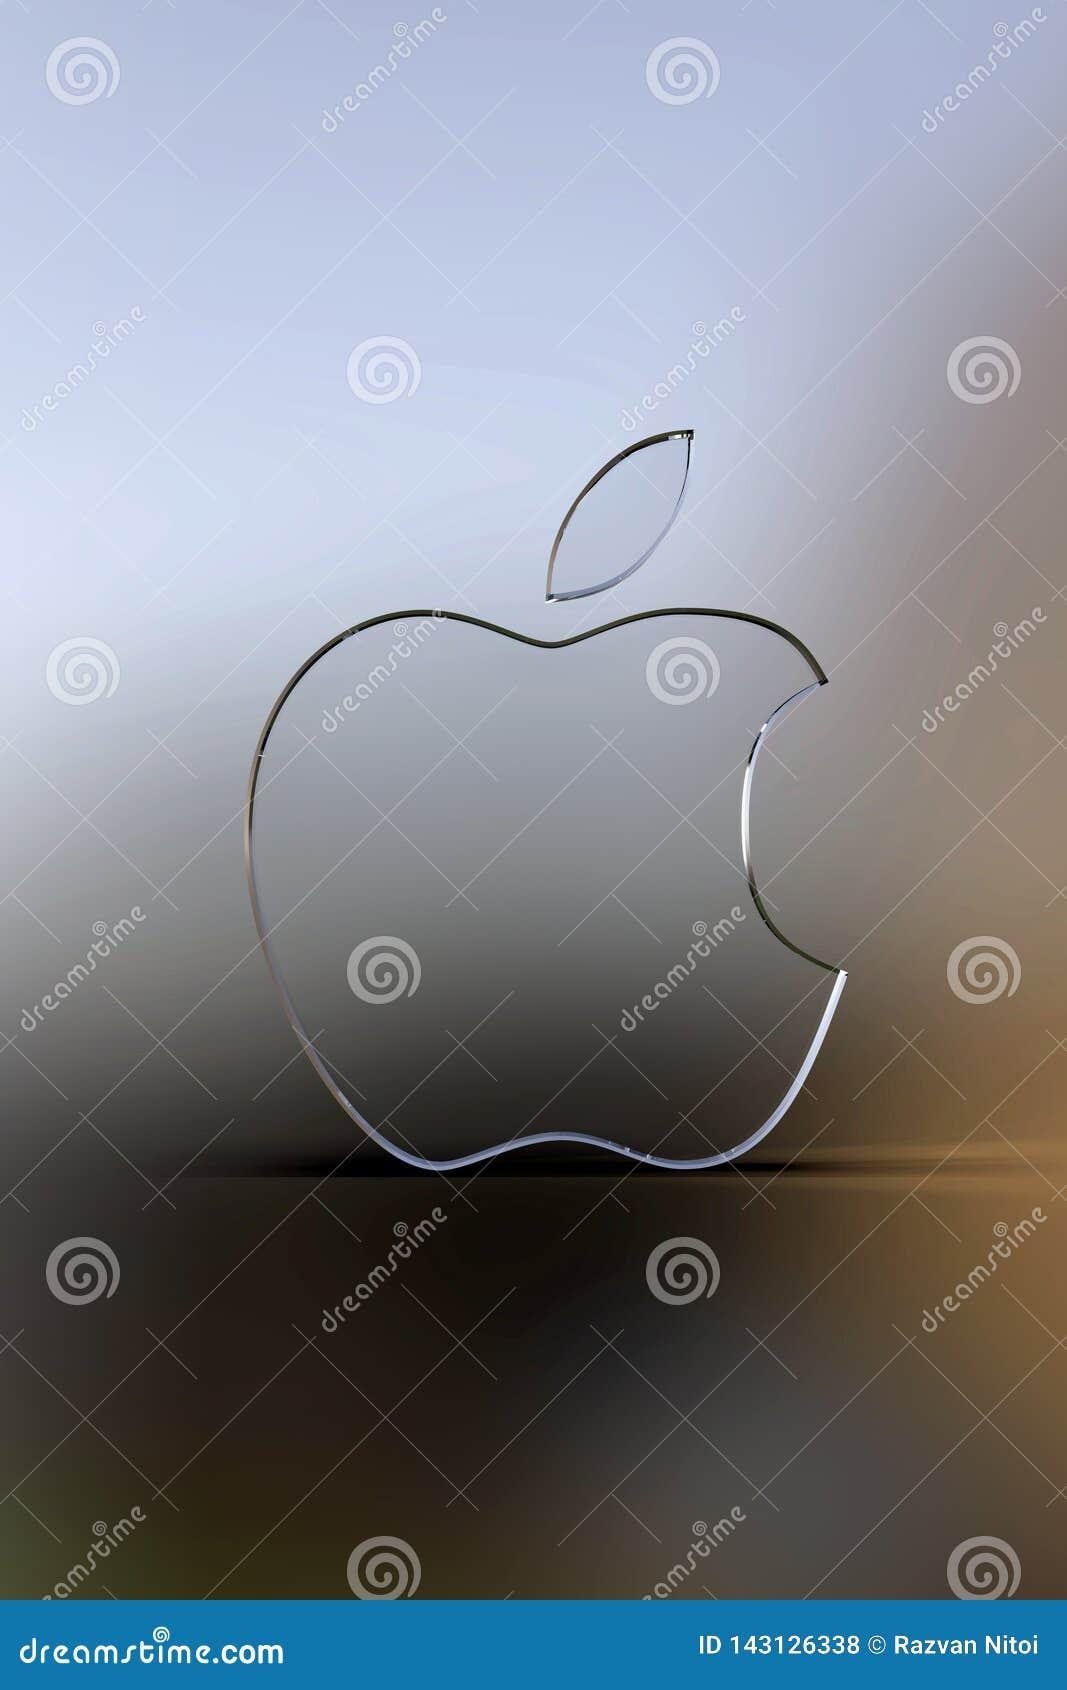 Papel pintado del logotipo de Apple, fondo borroso